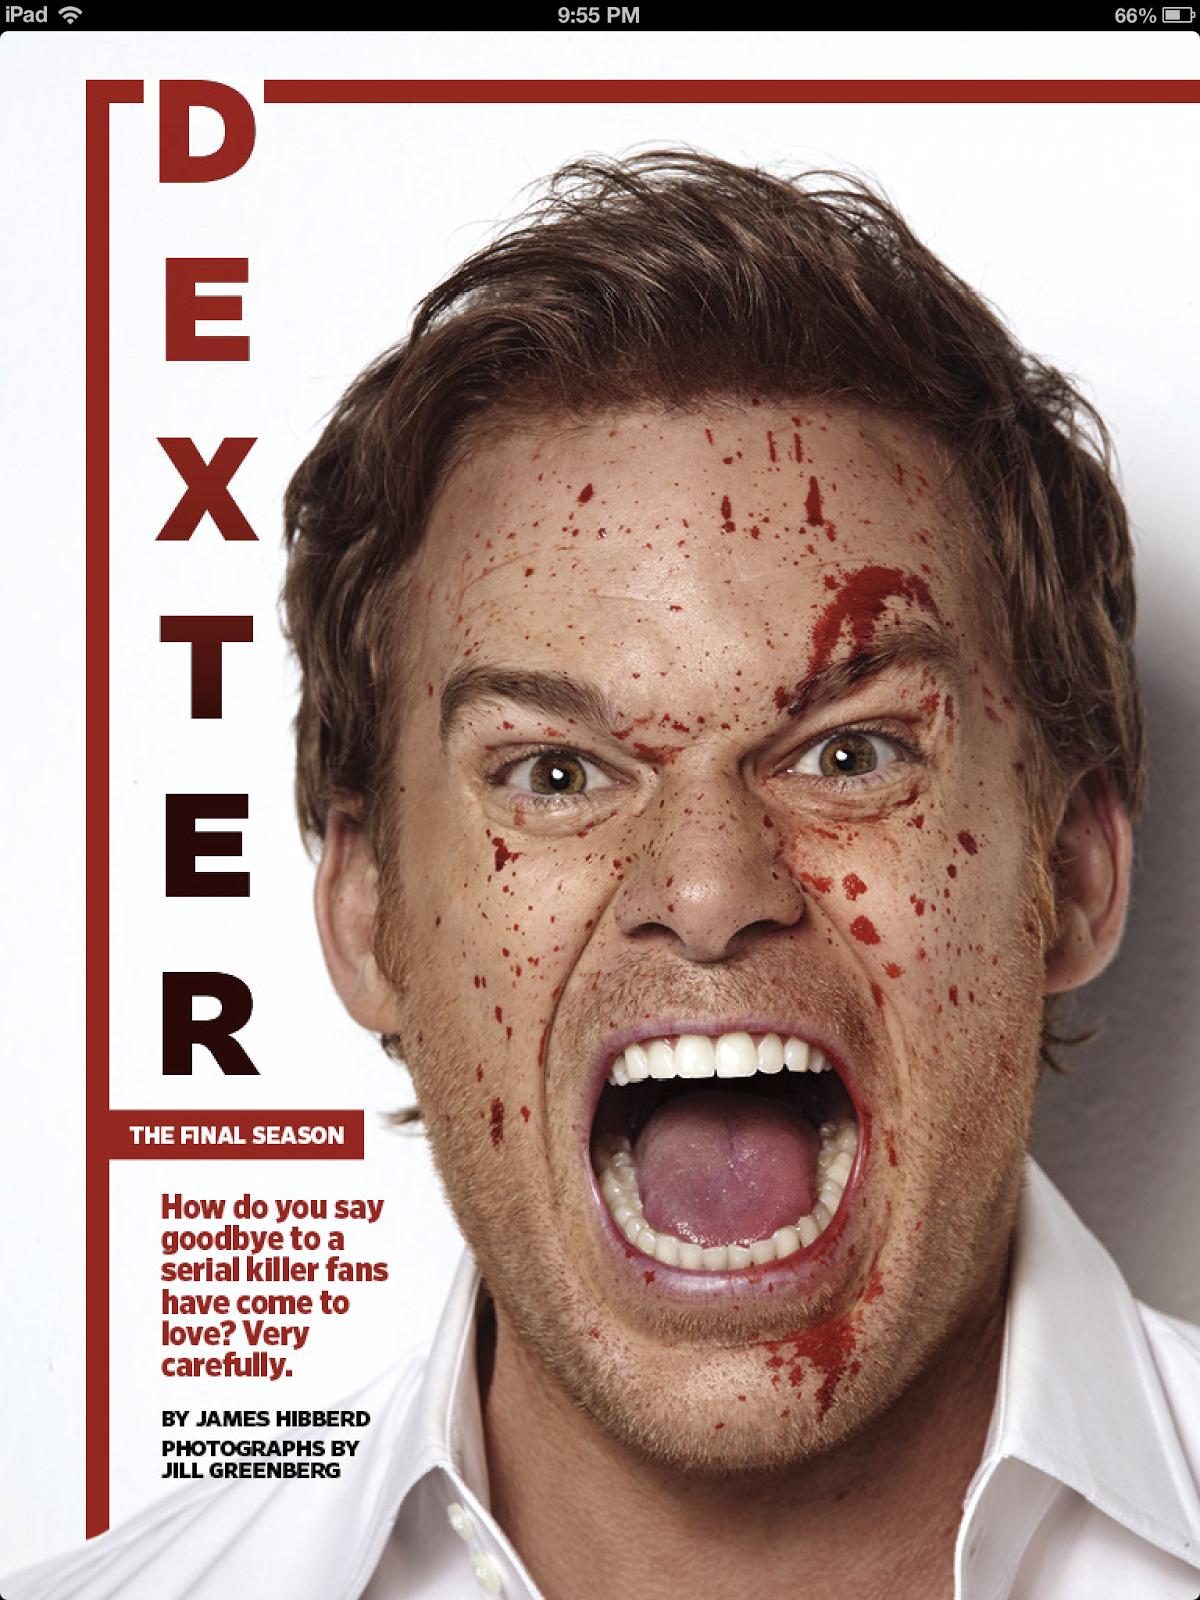 დექსტერი - Dexter /Декстер  (დექსტერი ყველა სერია ყველა სეზონი )